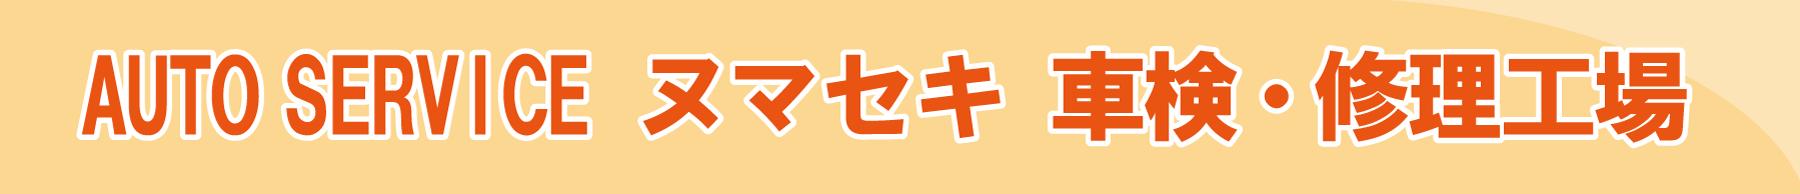 ヌマセキ 車検・修理工場